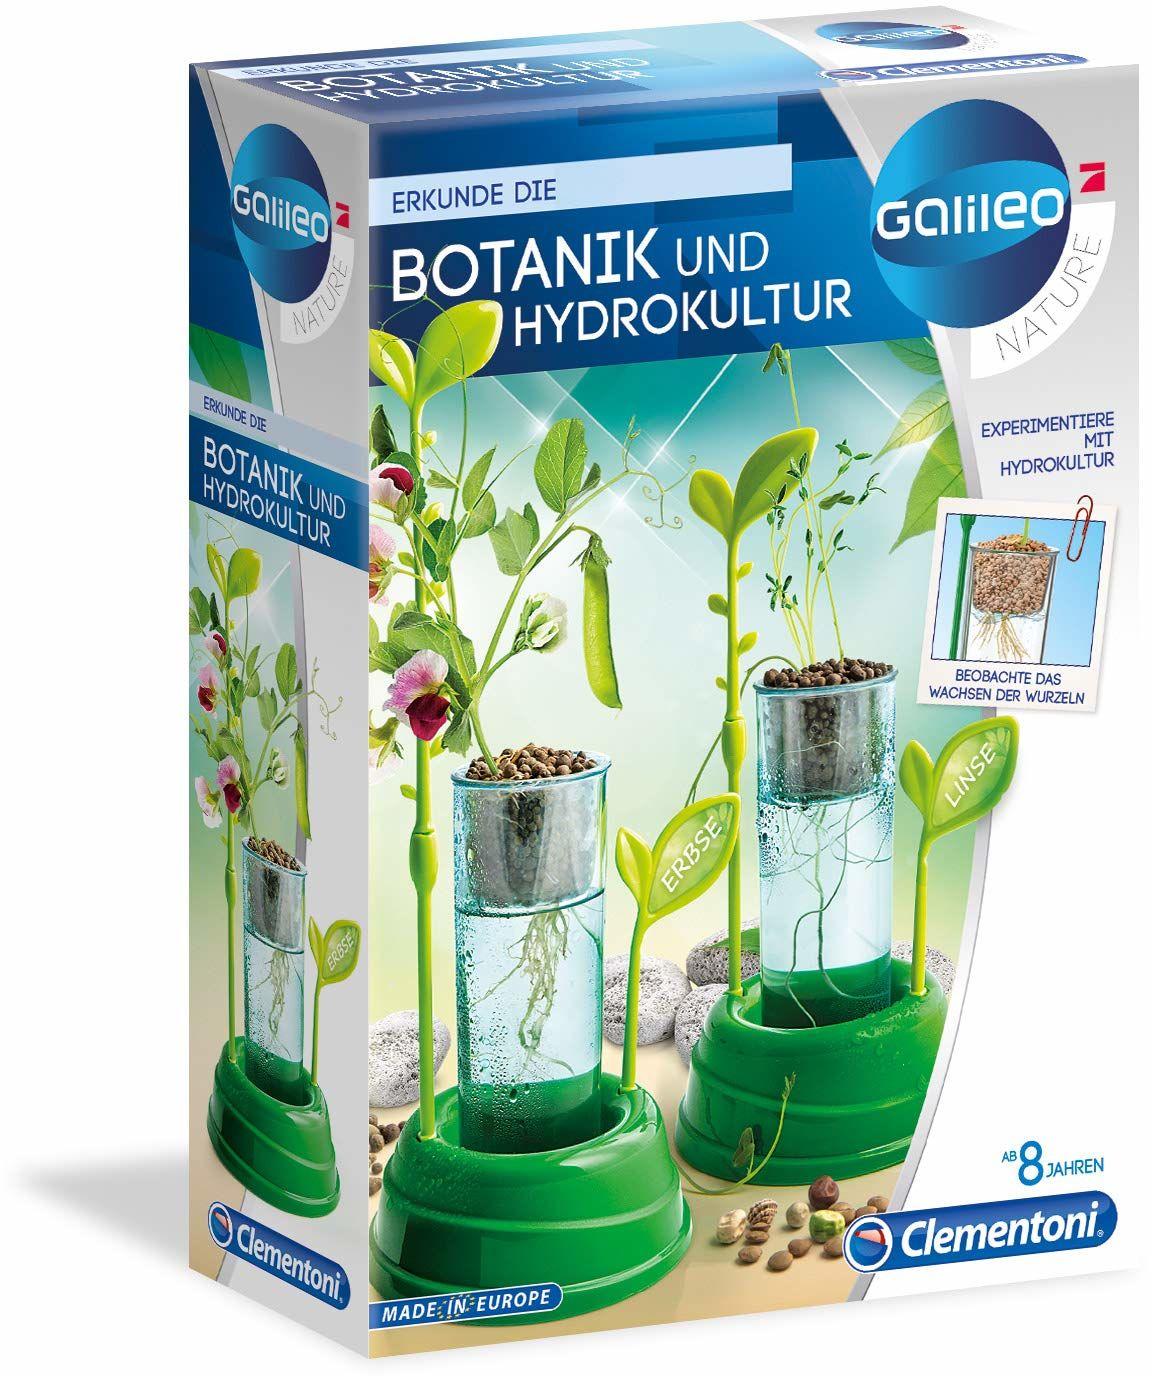 Clementoni 59065 Galileo Nature  botanika i hydrokultura, skrzynka na rośliny i nasiona dla mini ogrodników, zabawka dla dzieci od 8 lat, ekscytująca szklarnia do domu